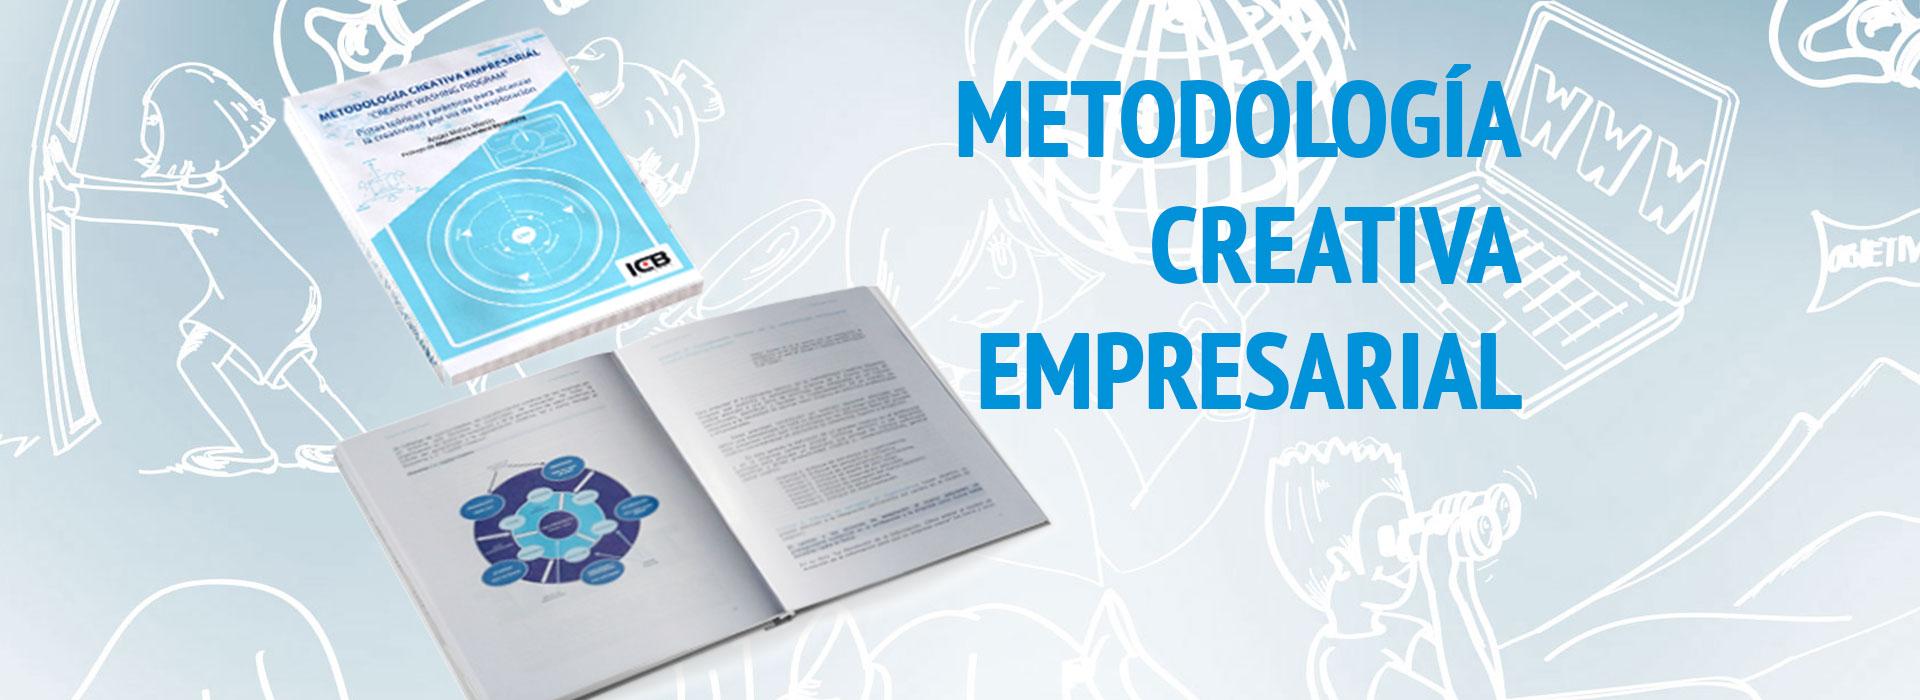 banner_met_creativa